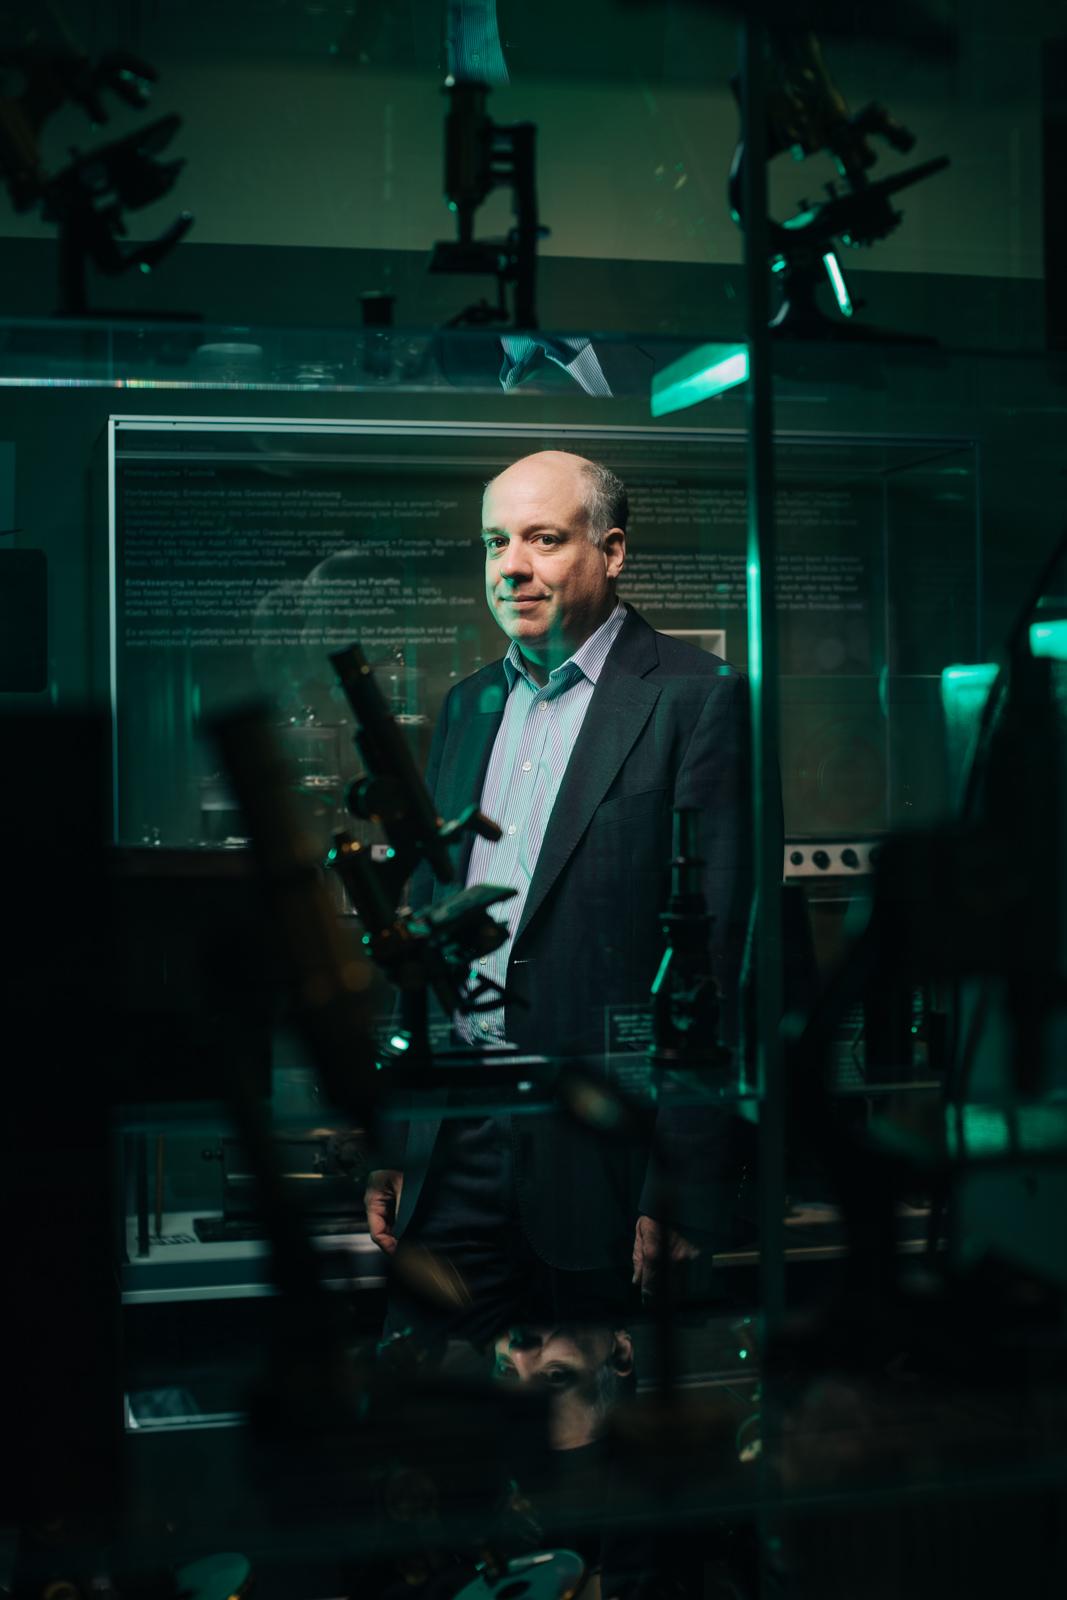 Dr. Phillip Osten